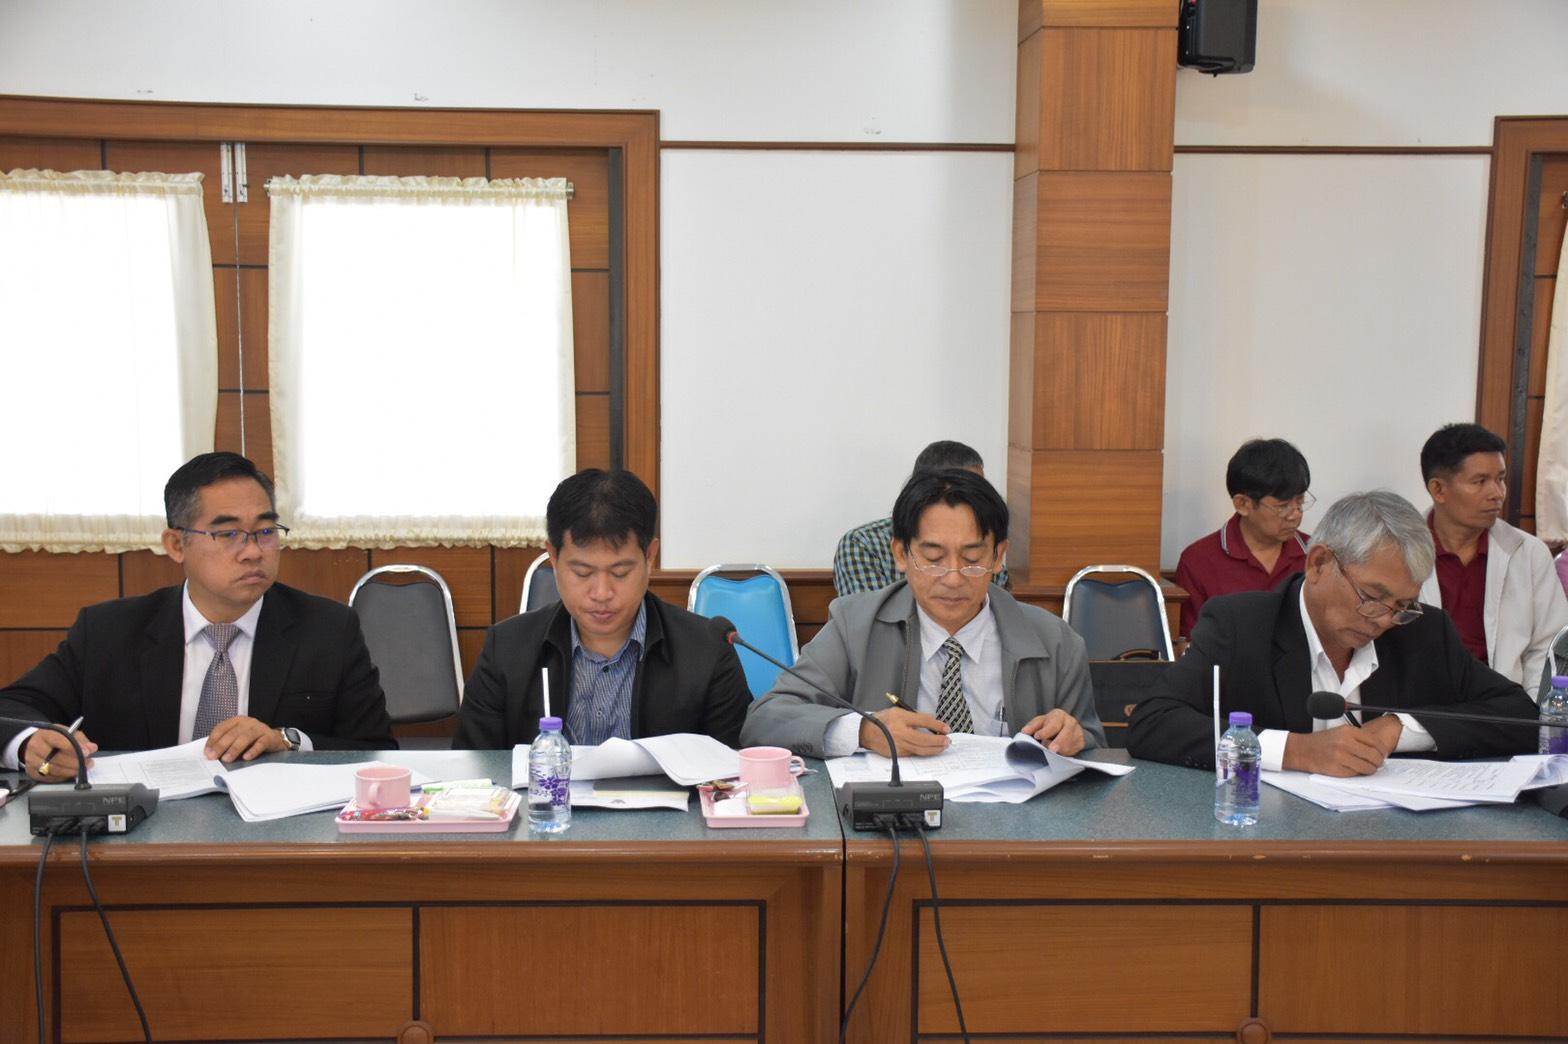 ประชุมสรุปงบประมาณโครงการวิจัย5 ฝ่าย